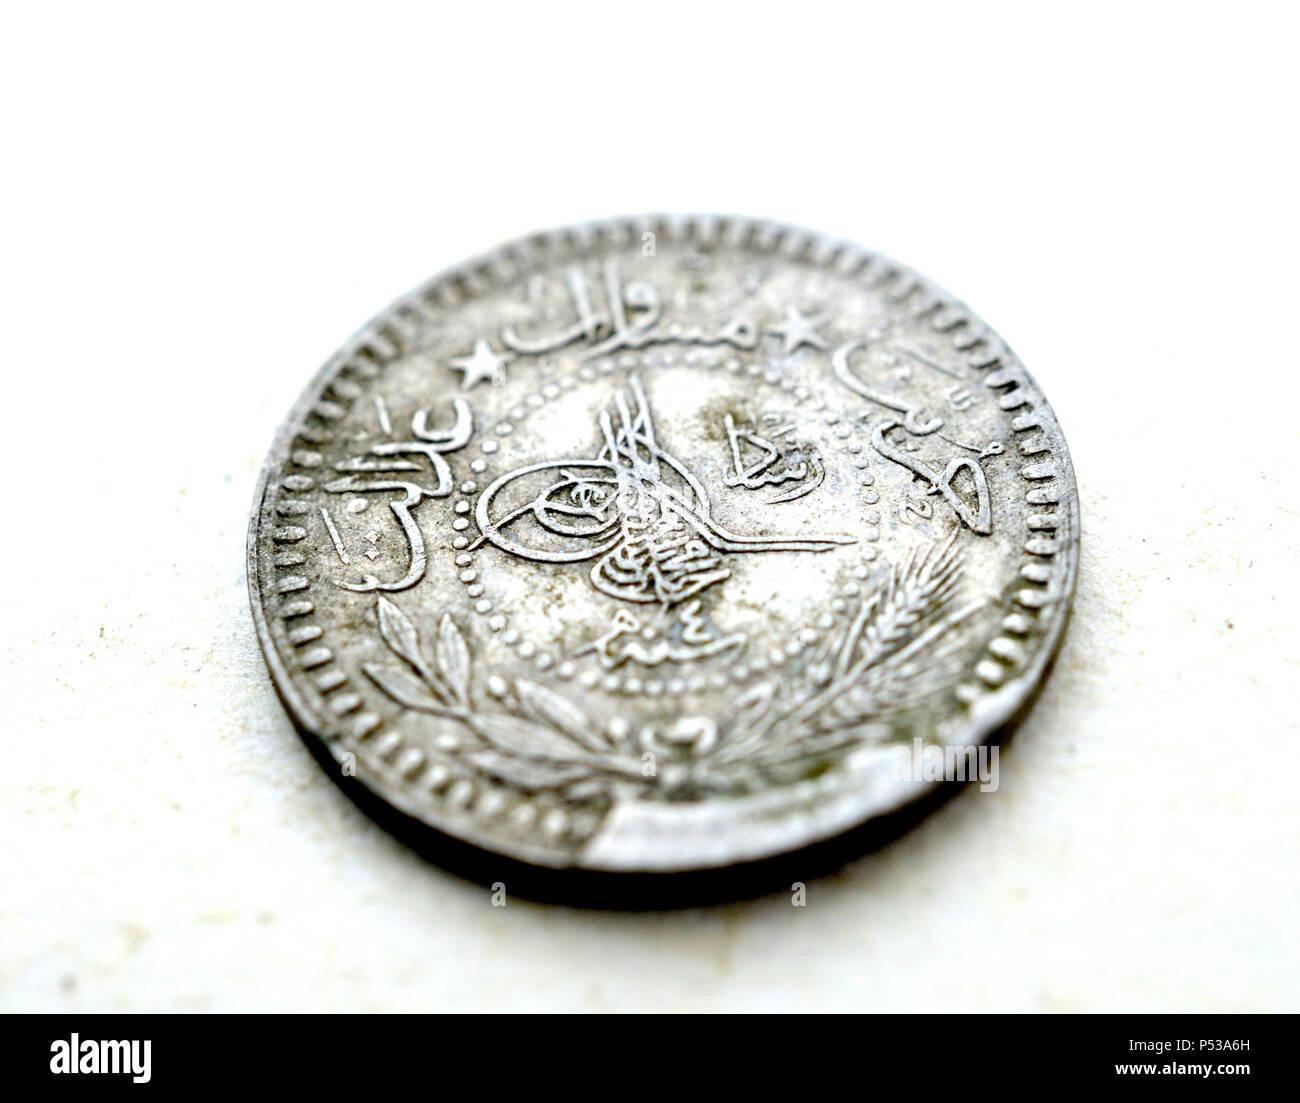 Alt Dreckig Münze Aus Dem Osmanischen Reich Bild Einer Stockfoto